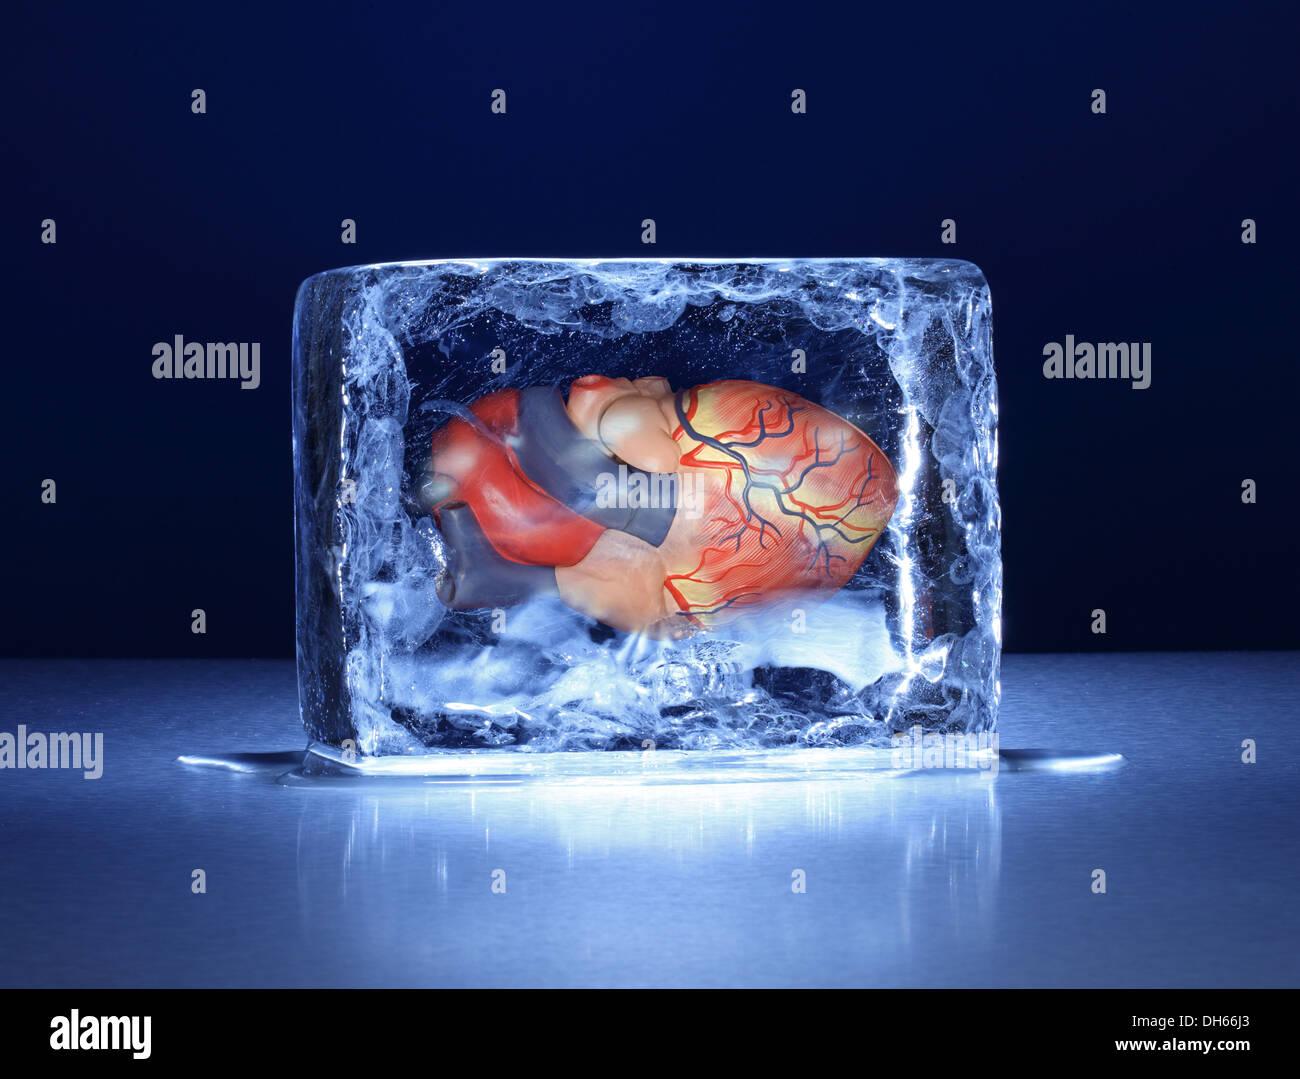 Un modelo del corazón humano congelado en un bloque de hielo claro Imagen De Stock